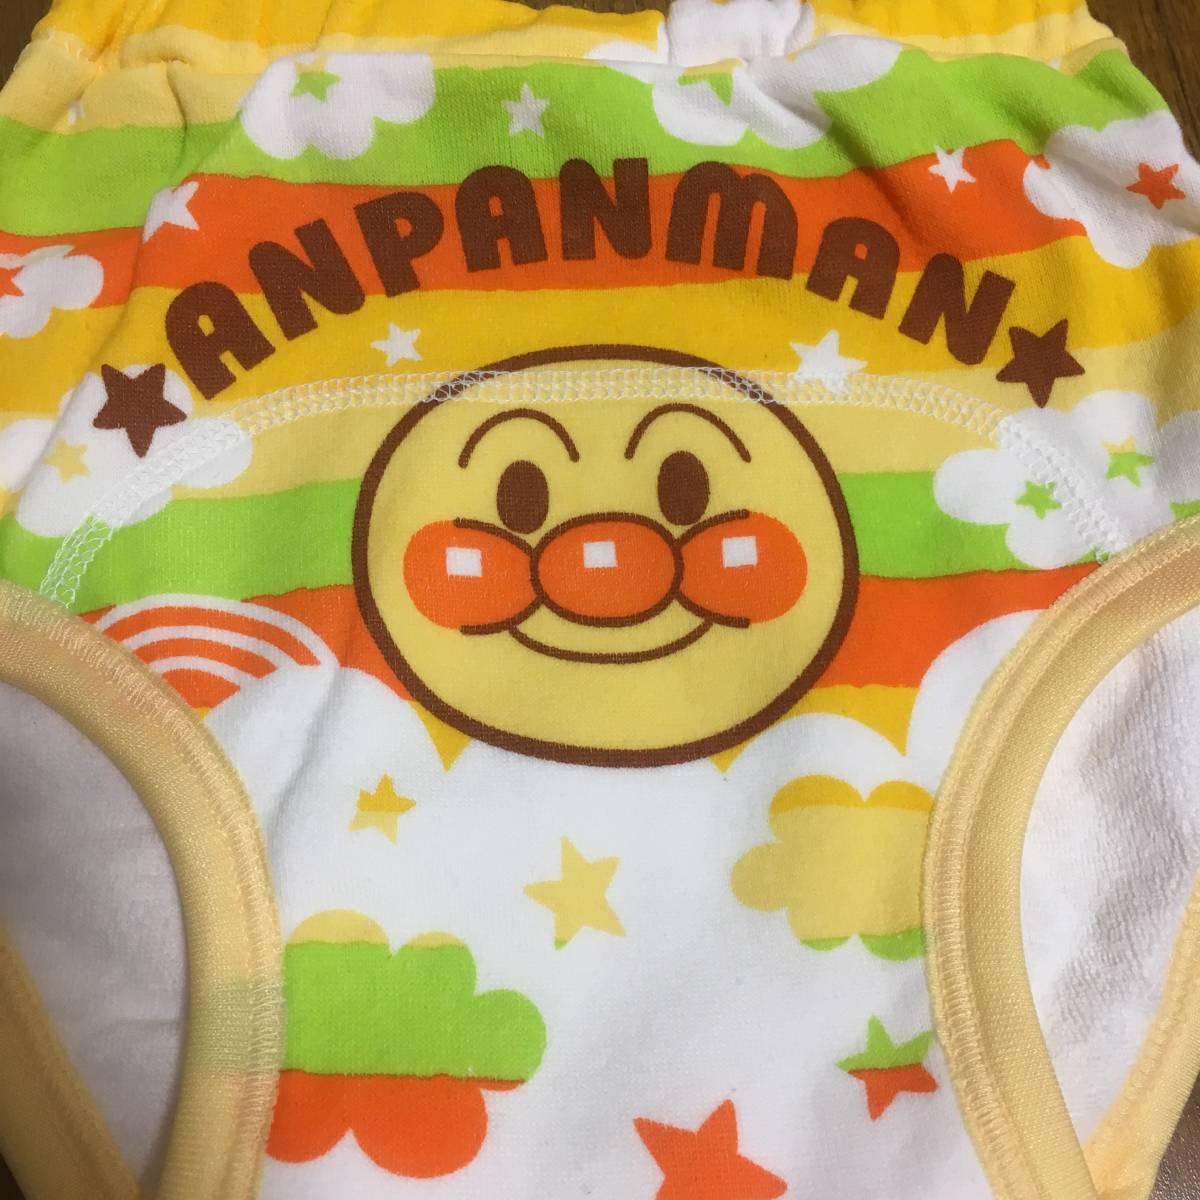 ♪トレーニングパンツ♪アンパンマン3枚セット♪水通しのみ未使用♪あんぱんまん♪_画像6